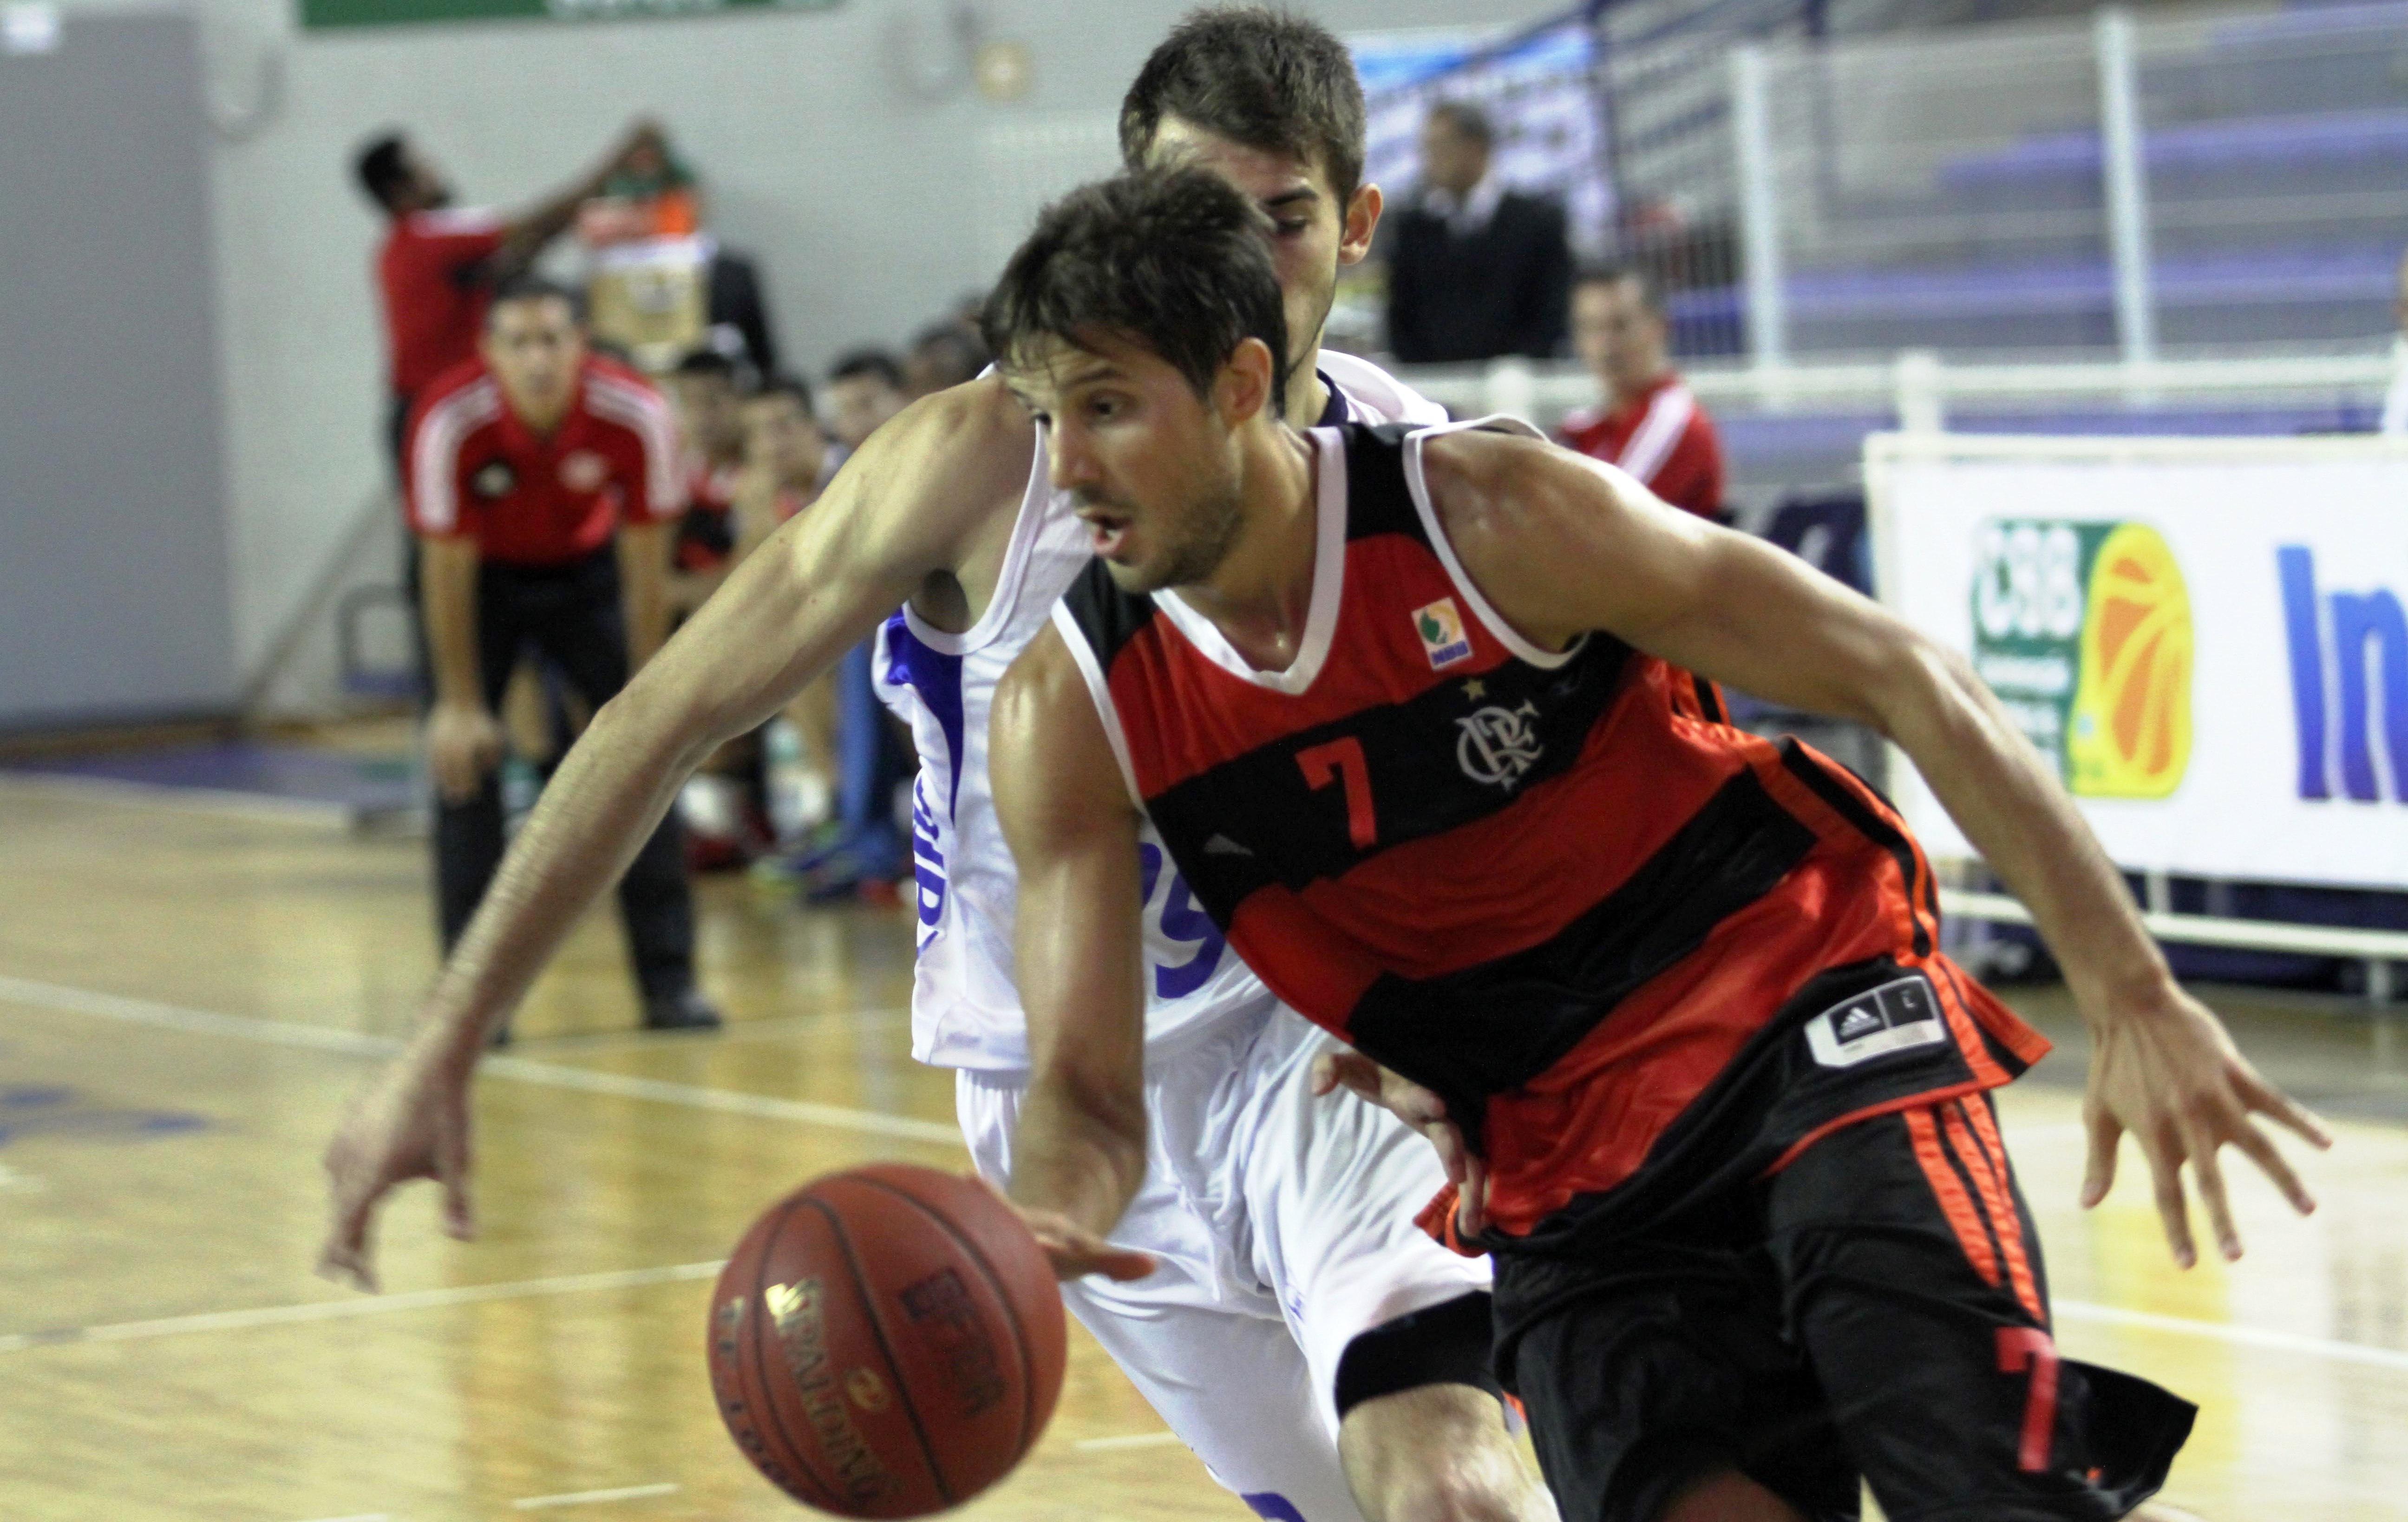 Estreante no NBB, Laprovittola foi o jogador mais votado para o Jogo das Estrelas 2014 (Orlando Bento/Divulgação)